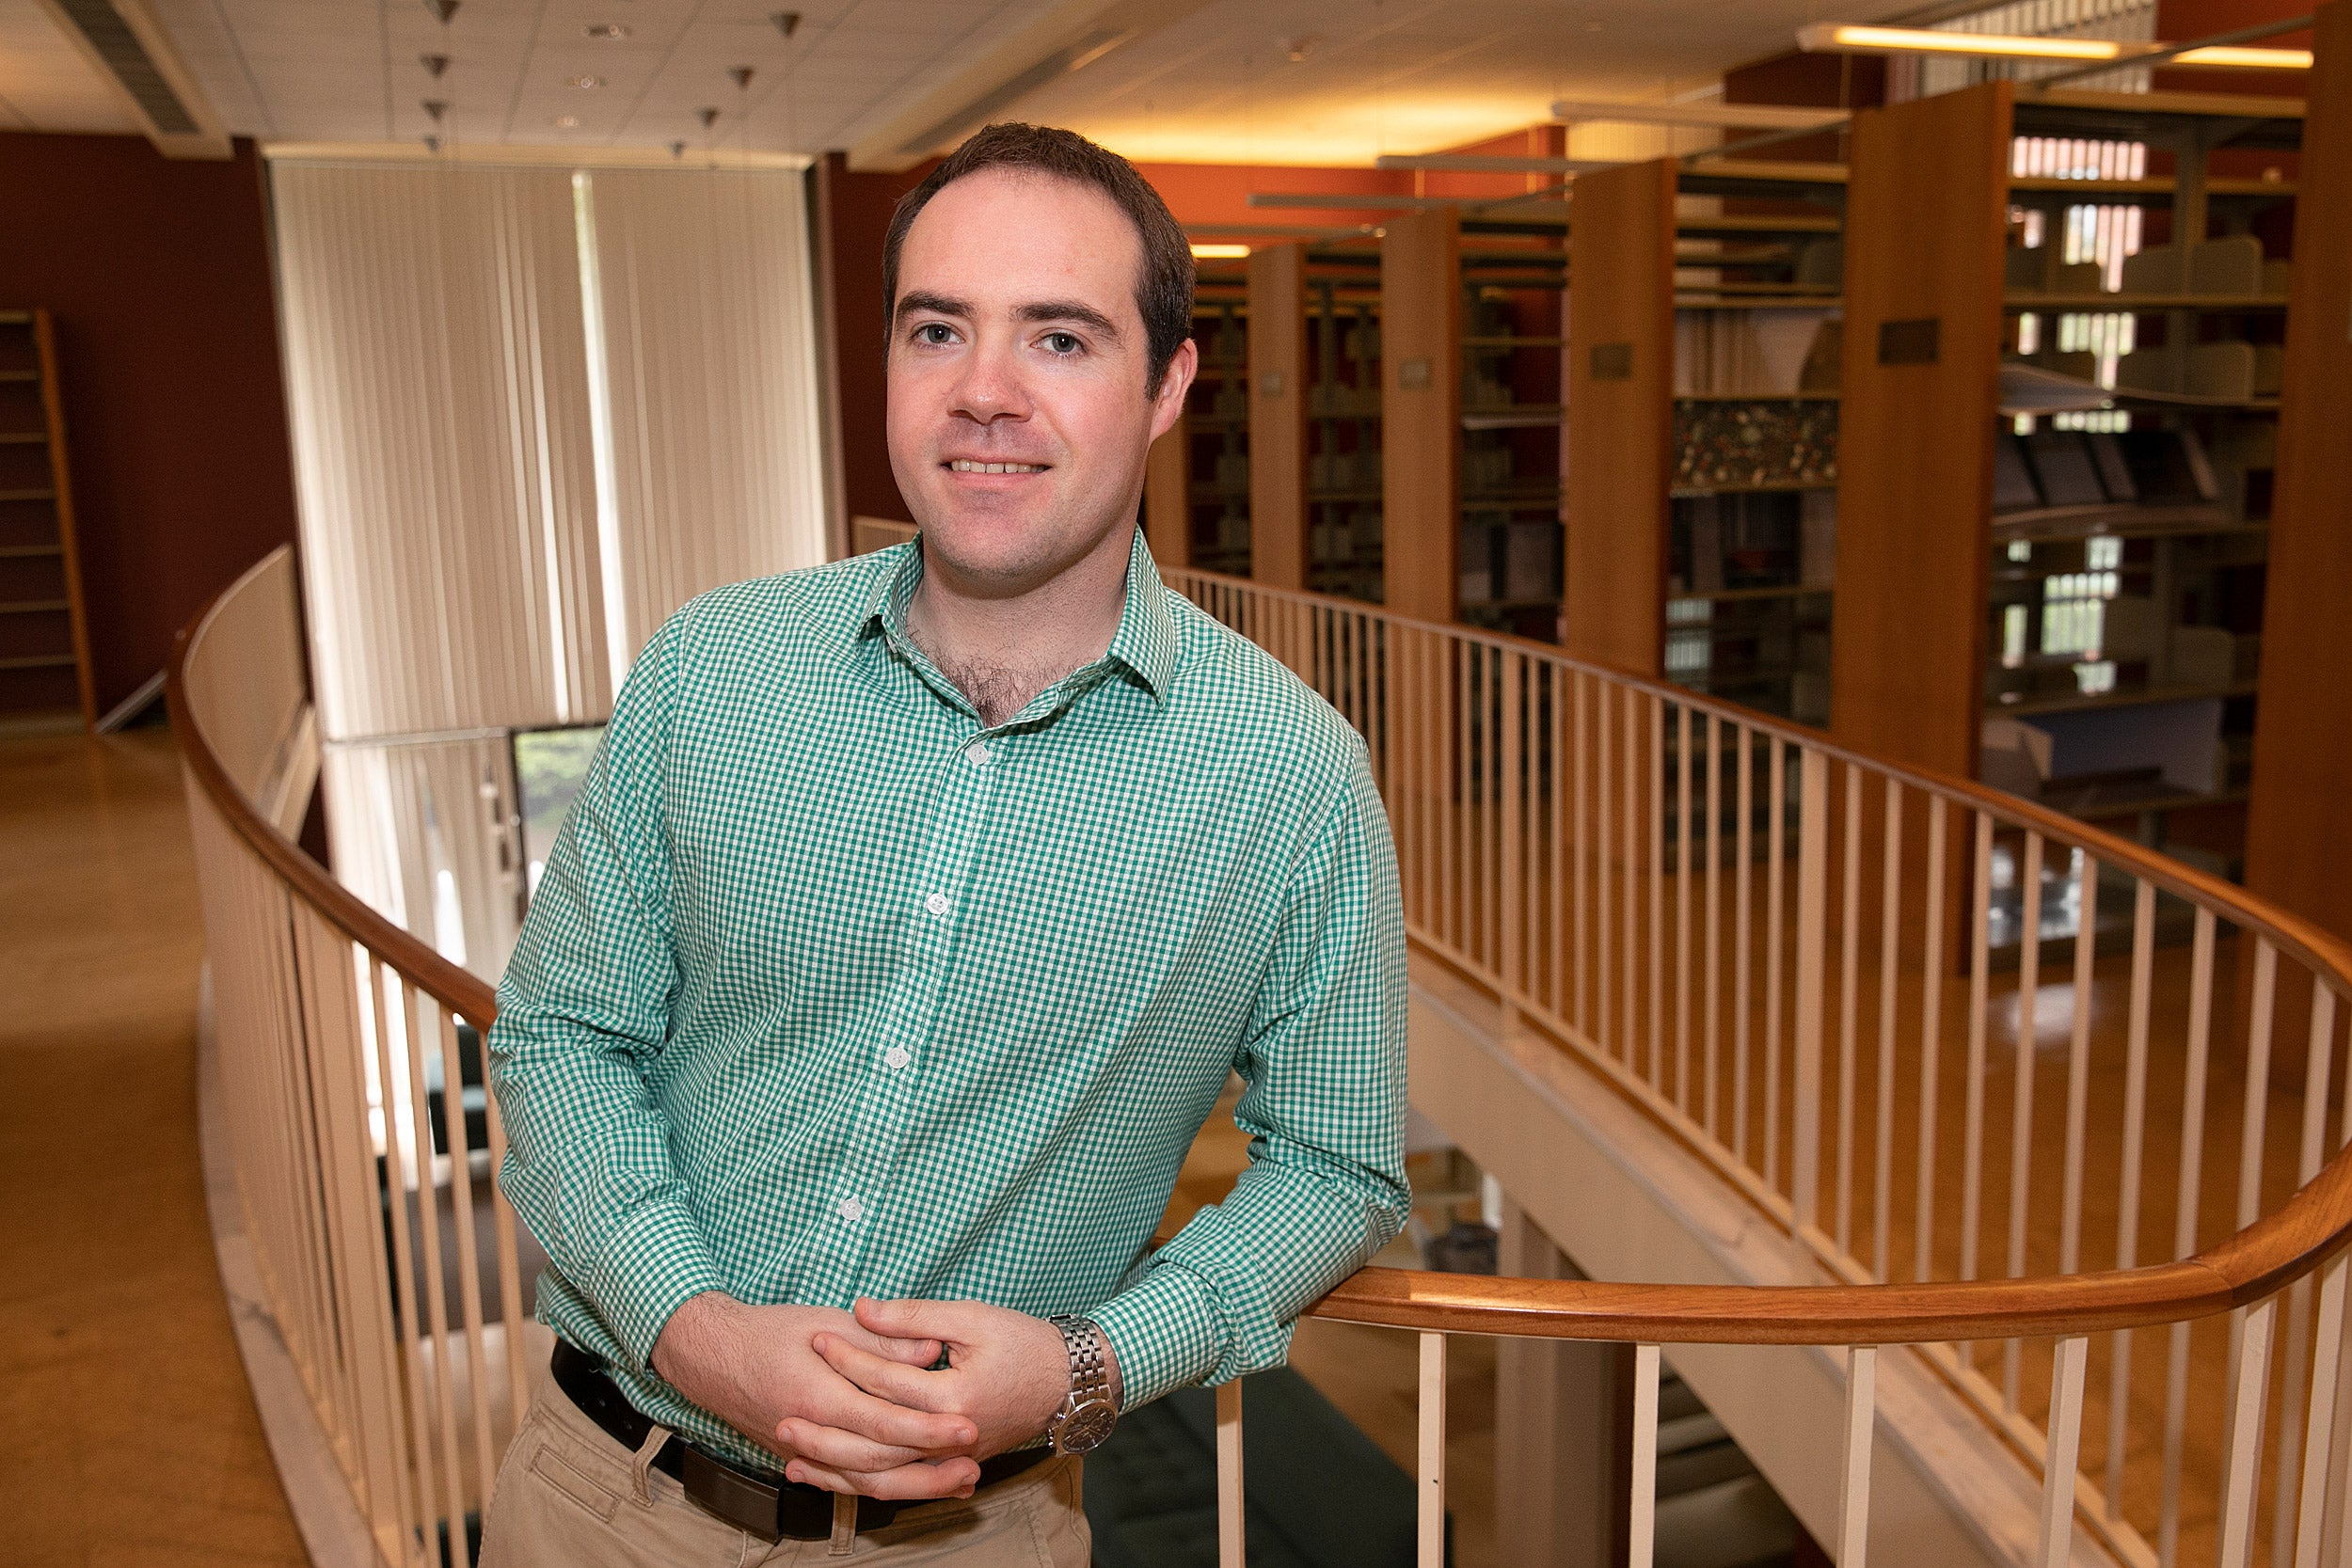 Brian O'Shea